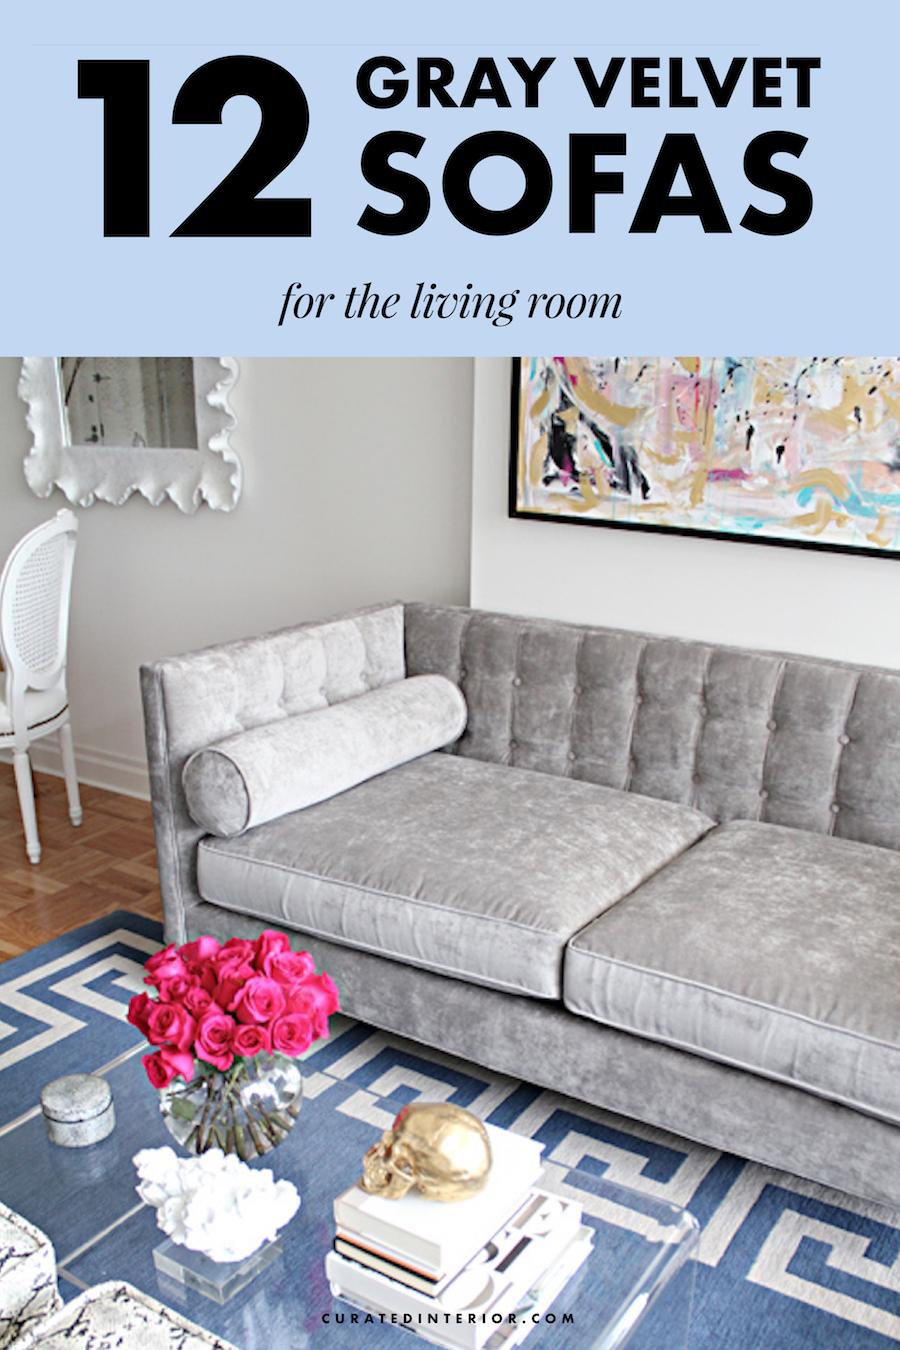 Gray Velvet Sofas, Grey Velvet Sofas, Living Room Sofas, Velvet Couches, Gray Velvet Couch, Grey Velvet Couch